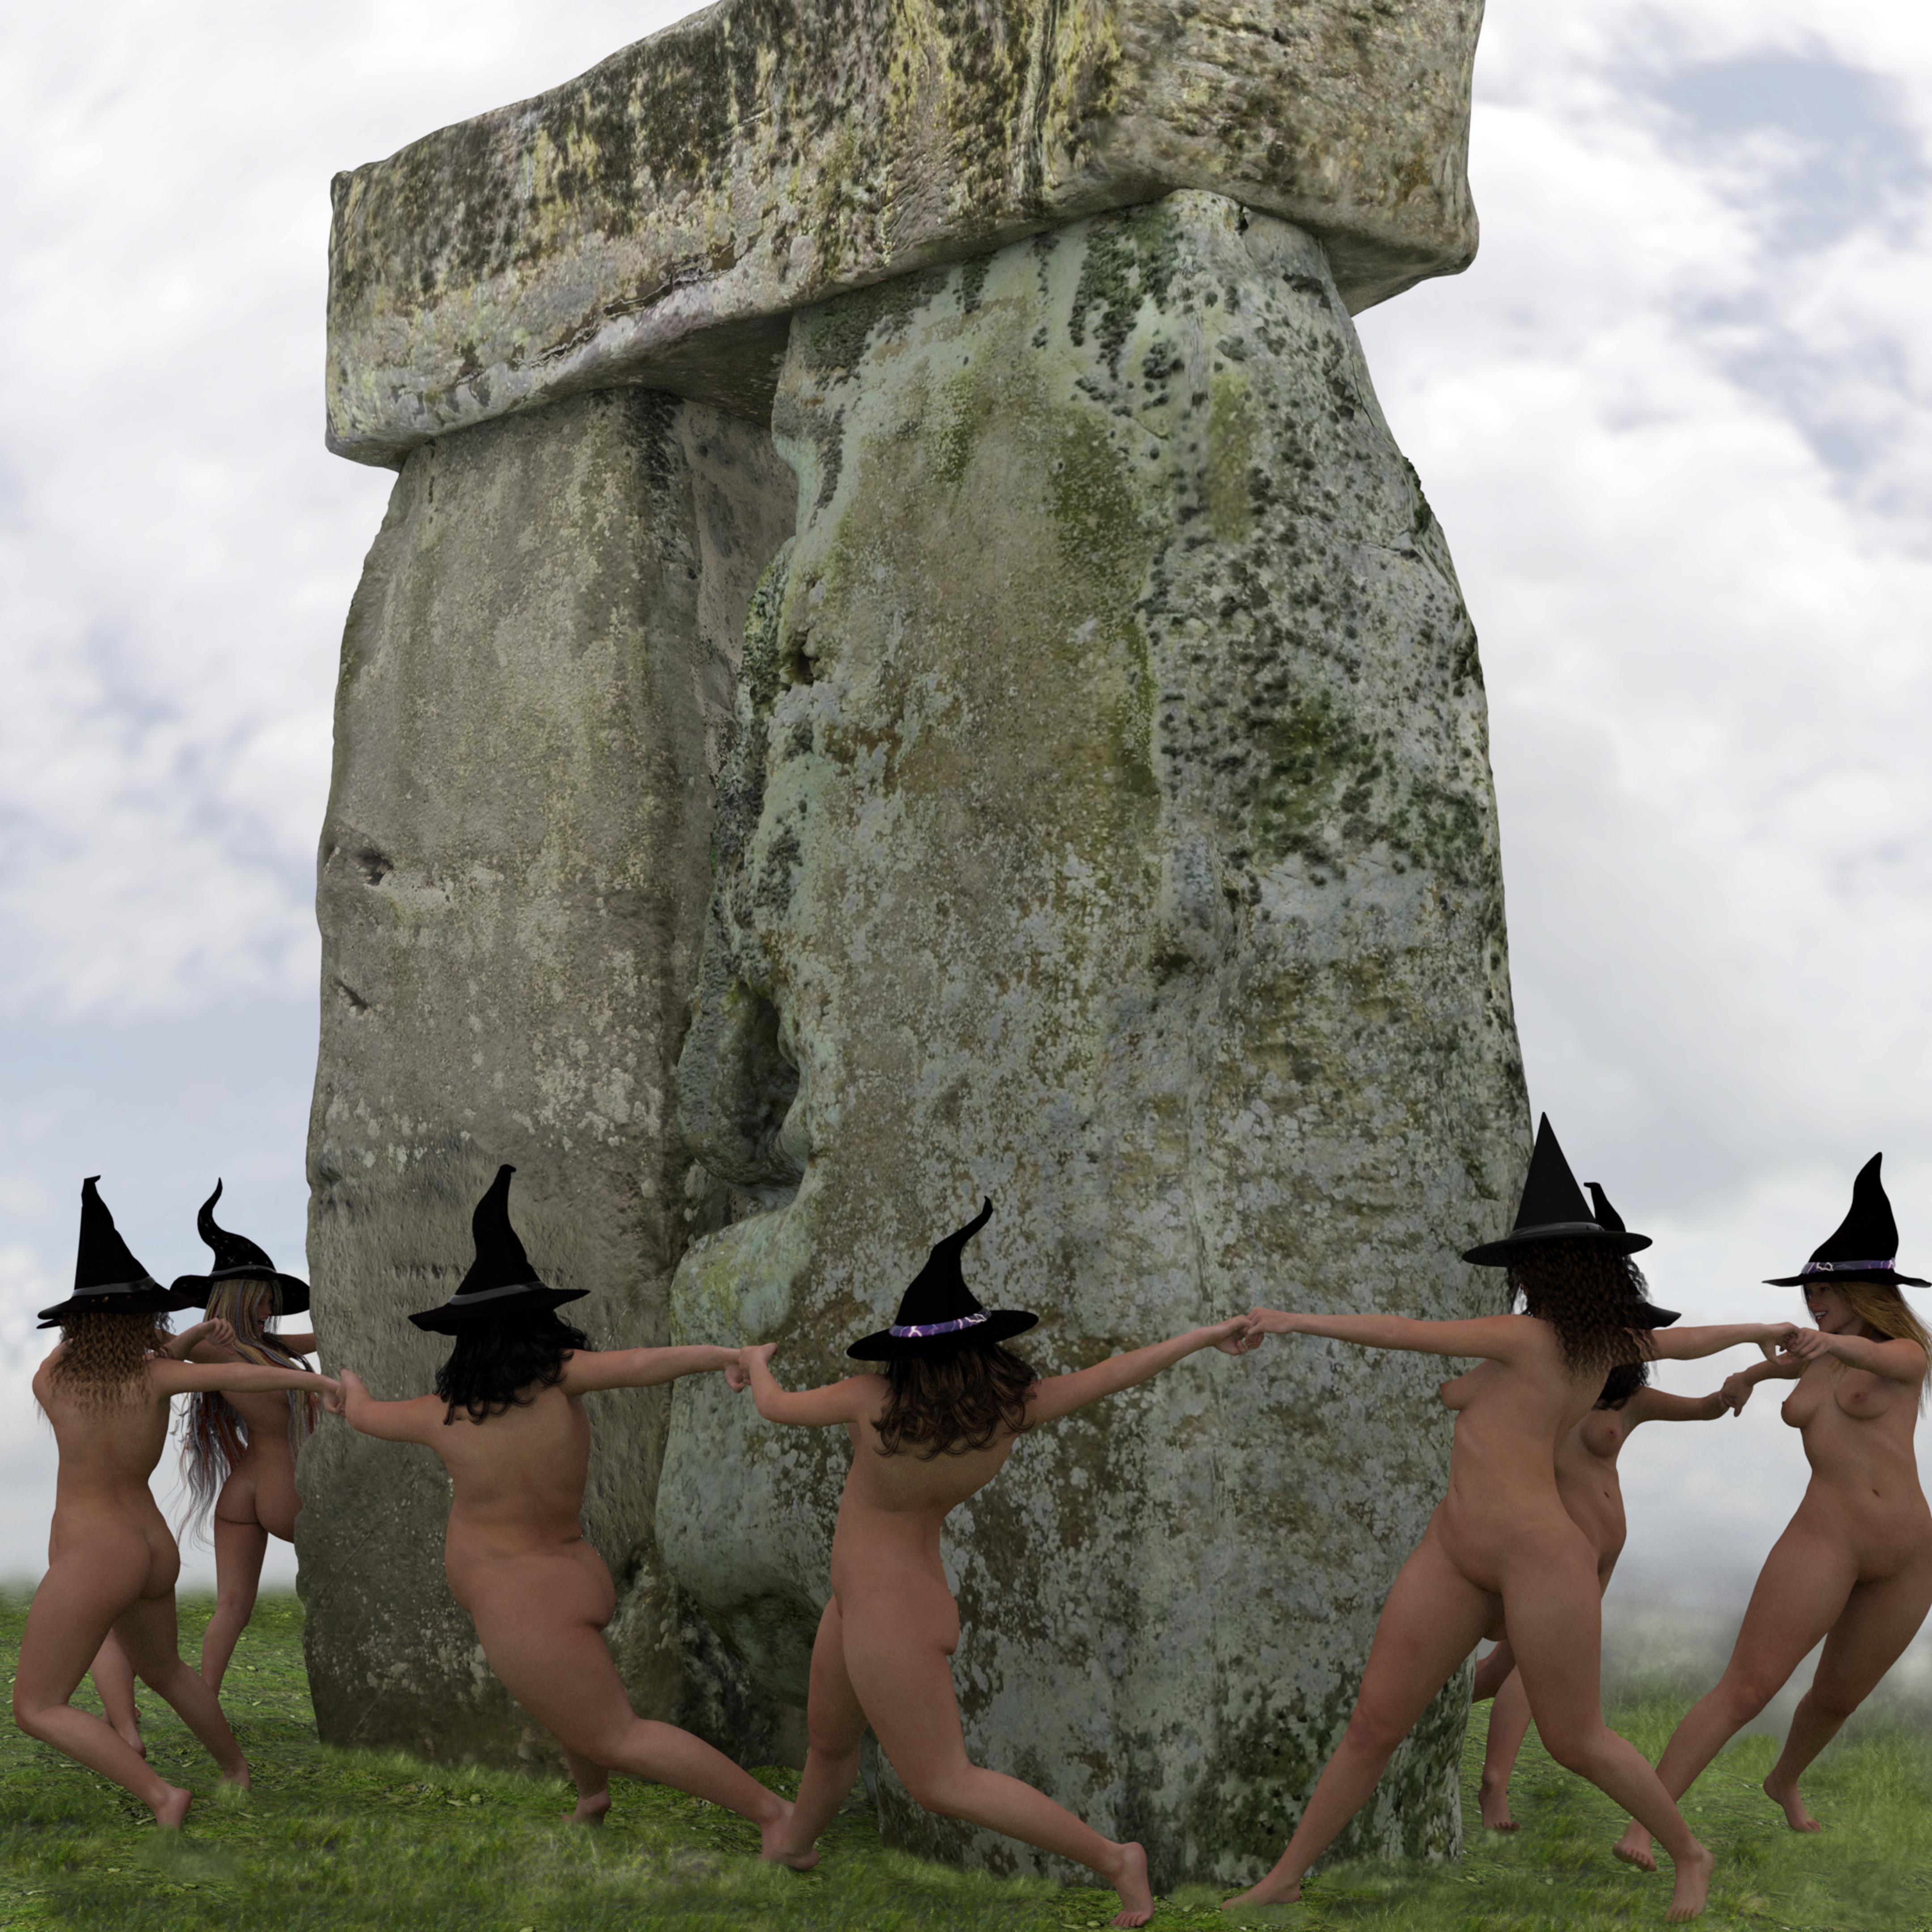 Buy Stonehenge Models: naked 003  - Stonehenge models - a byproduct - Stonehenge models - a byproduct